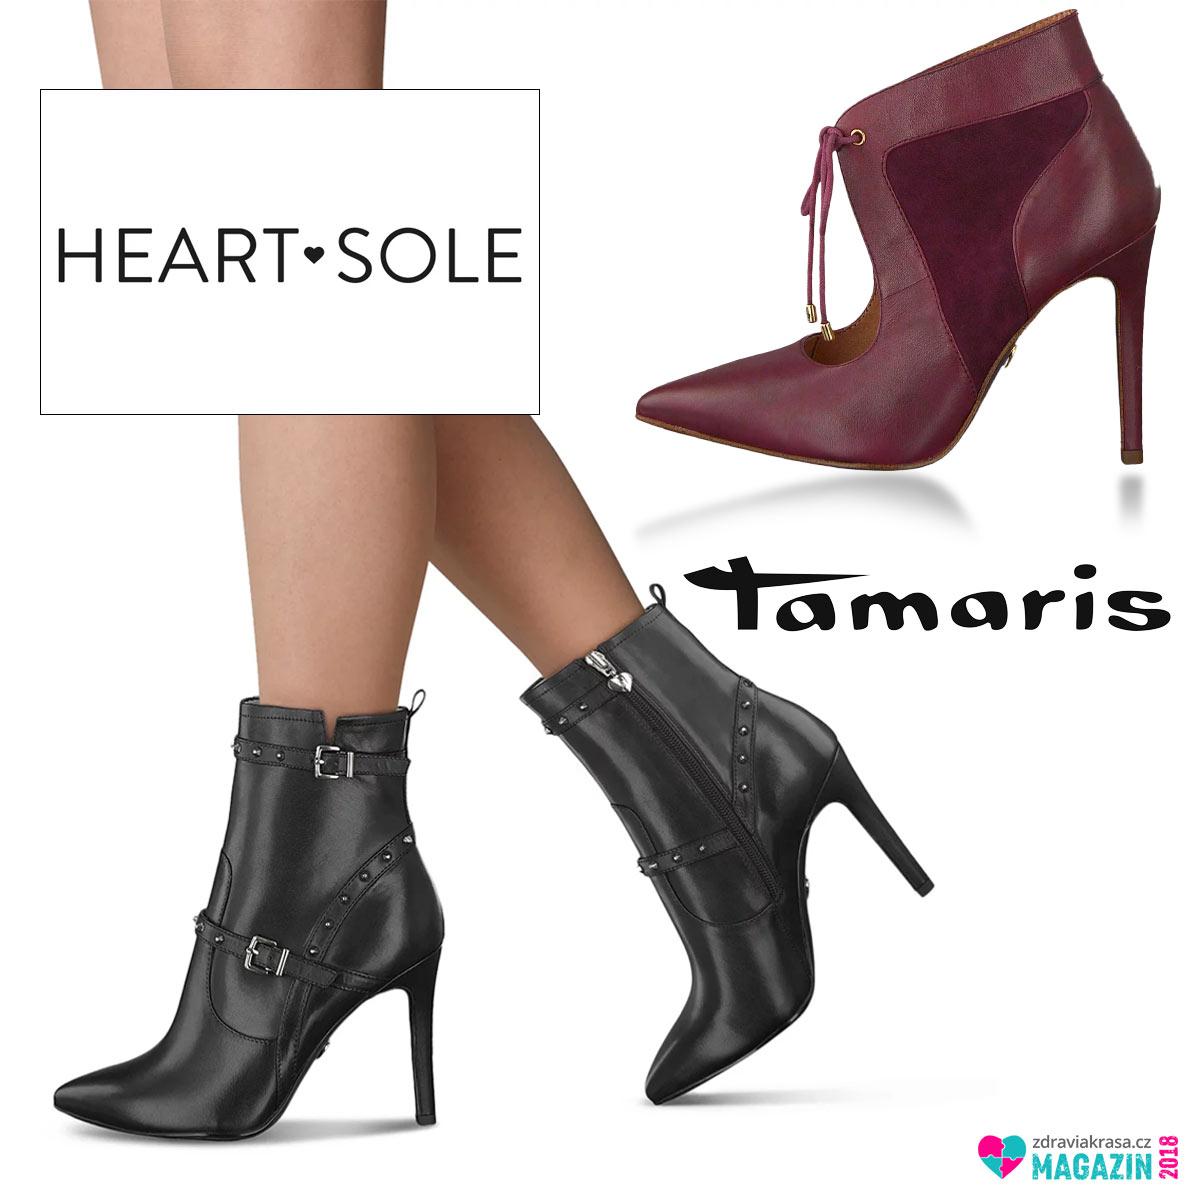 Nízké kozačky a kotníkové boty na extra vysokém podpatku jsou nyní mnohem pohodlnější díky technologii Heart Sole.